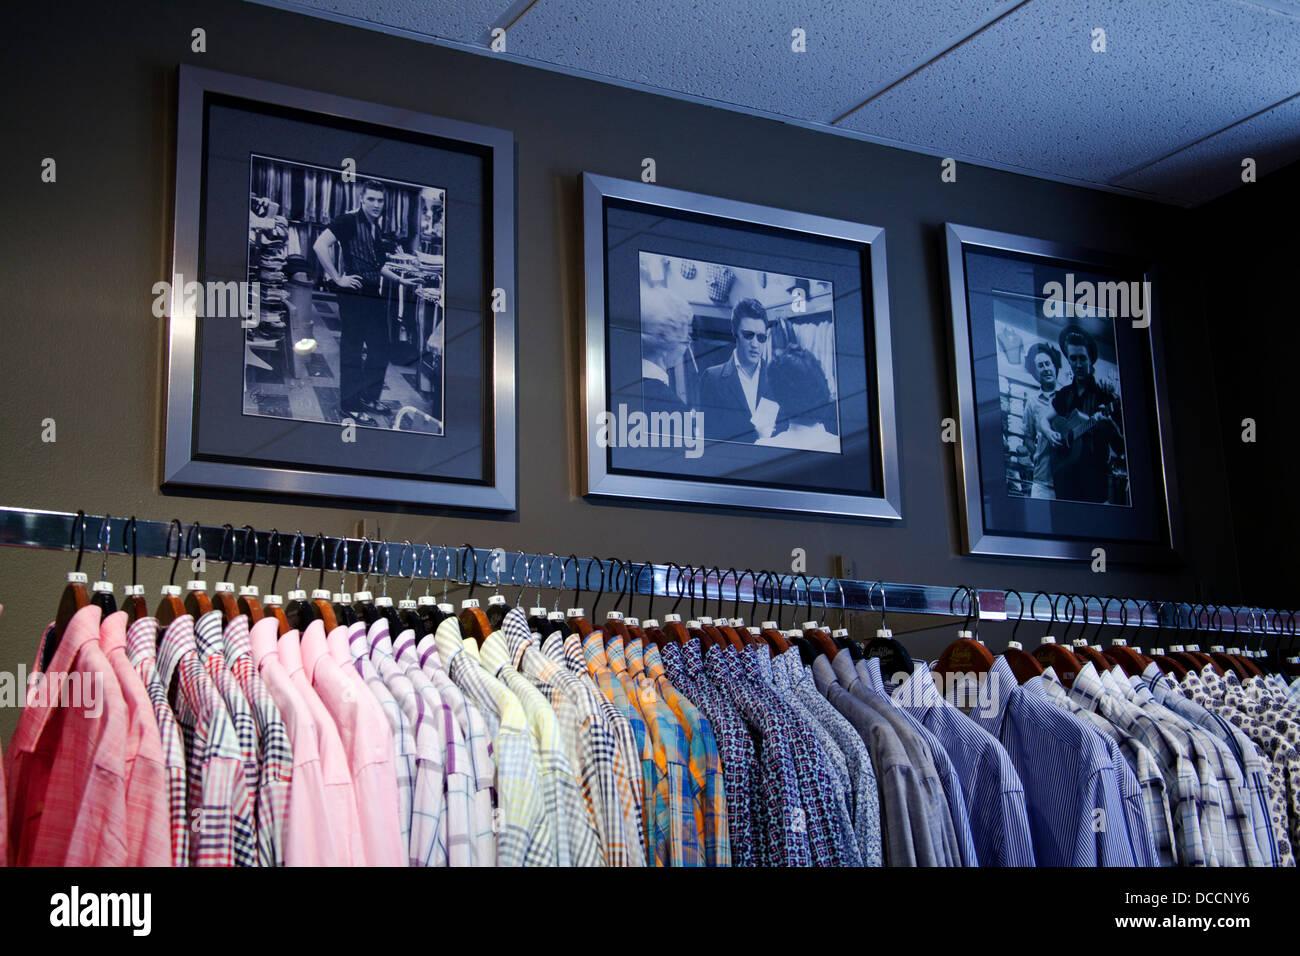 Siblings clothing store online